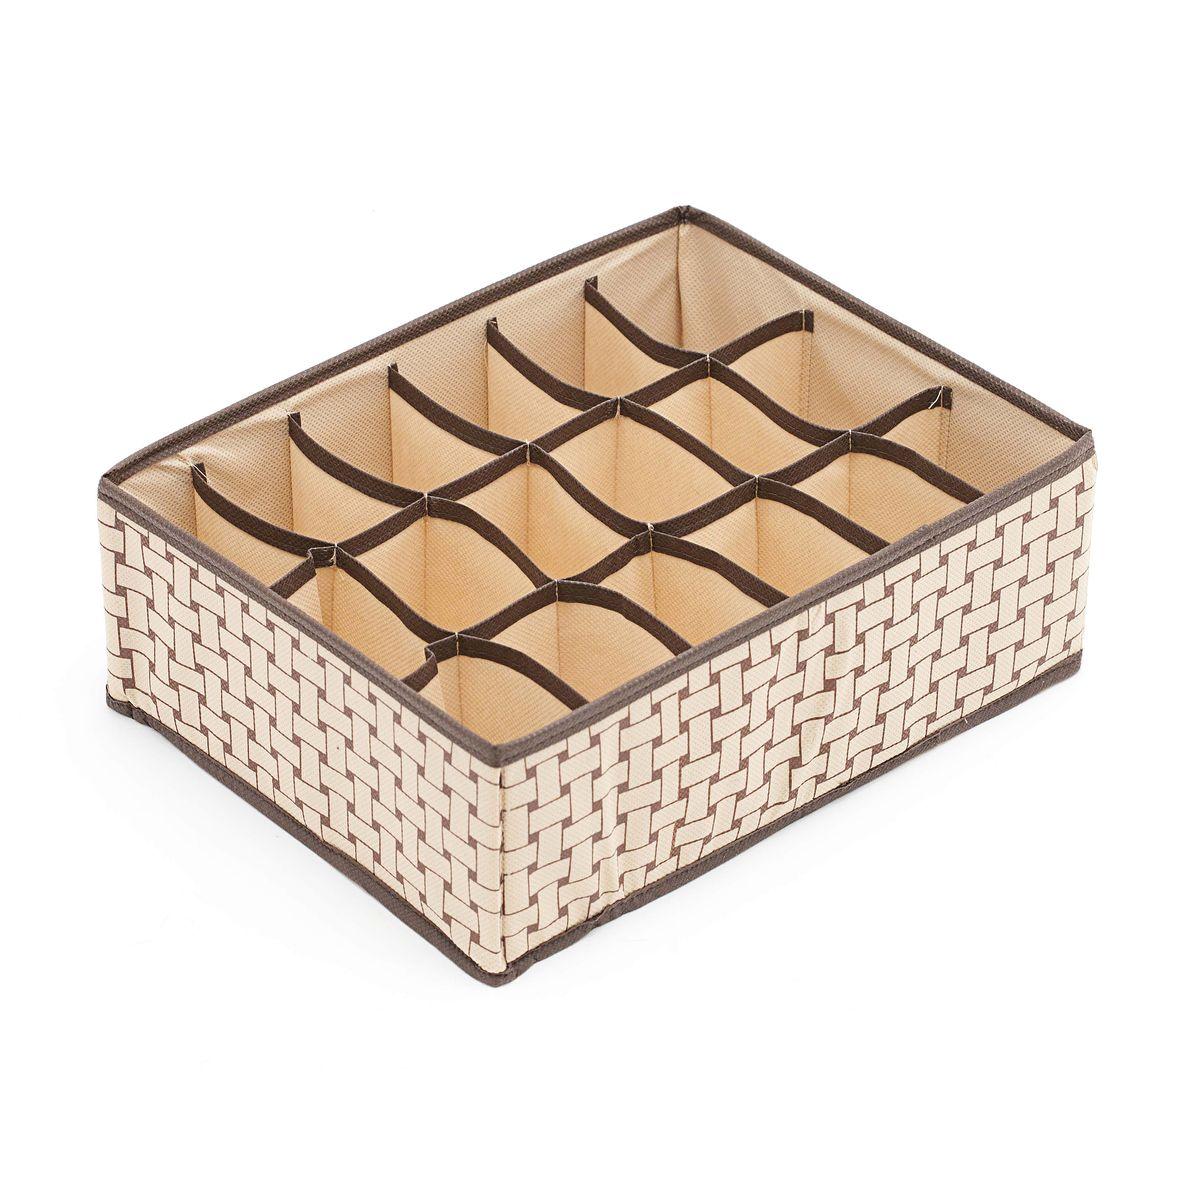 Органайзер Homsu Pletenka, 18 секций, 31 x 24 x 11 смHOM-161Органайзер Homsu  Pletenka выполнен из спанбонда и картона. Квадратный и плоский органайзер с 18 раздельными ячейками очень удобен для хранения мелких вещей в вашем ящике или на полке. Идеально для носков, платков, галстуков и других вещей ежедневного пользования. Имеет жесткие борта, что является гарантией сохранности вещей.